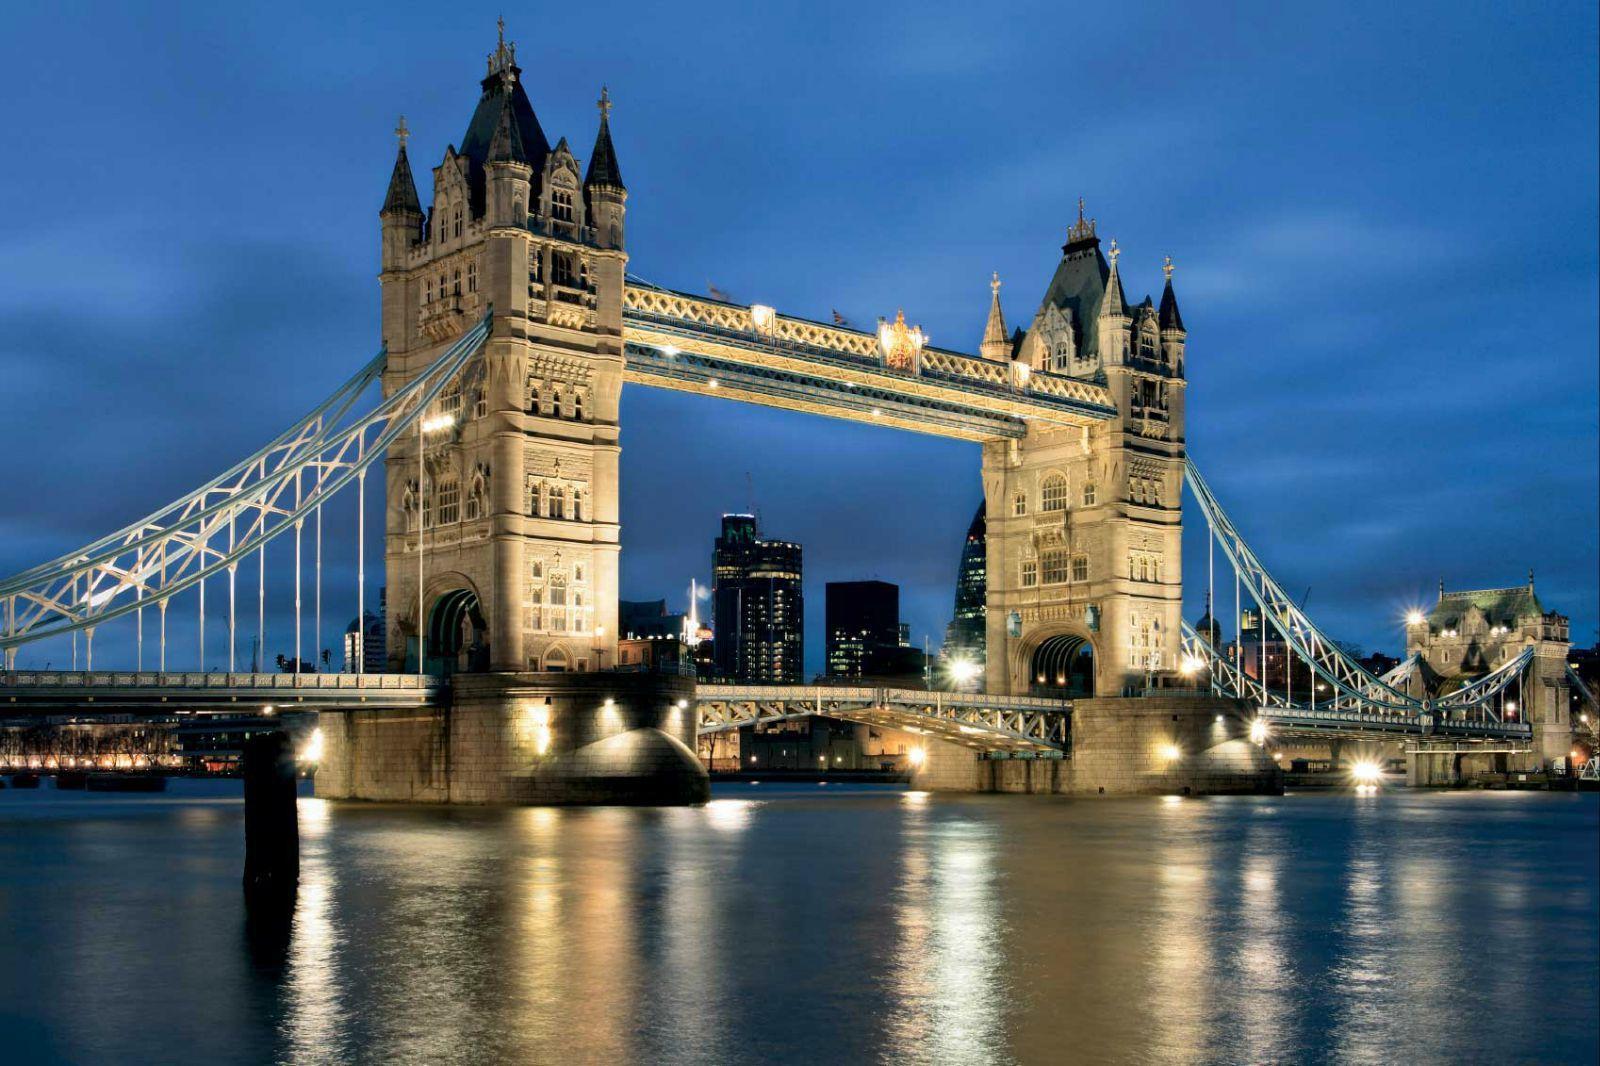 伦敦塔桥 伦敦塔有许多值得一看的地方